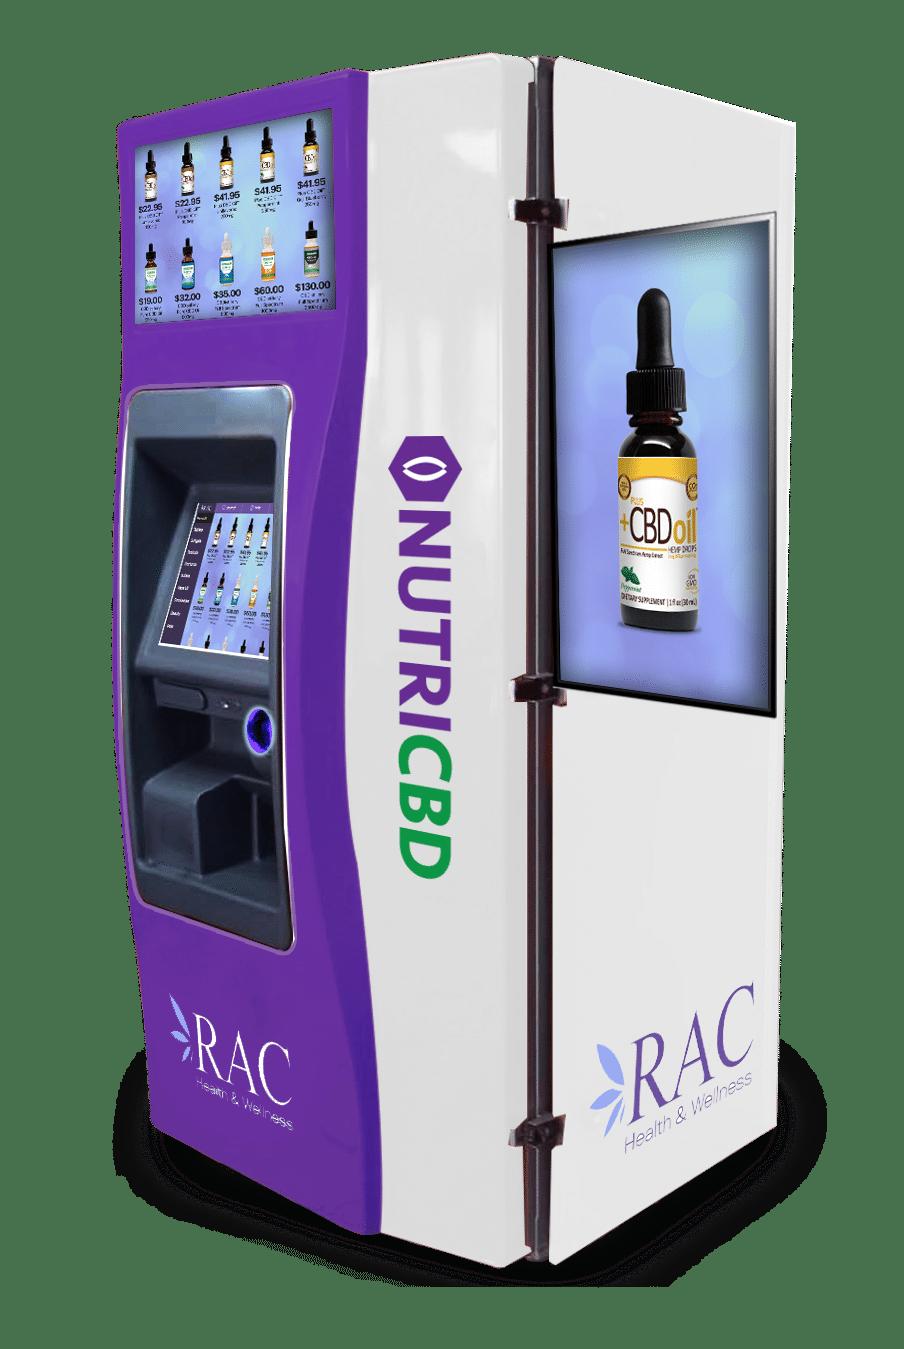 RAC Smart Vending Kiosks